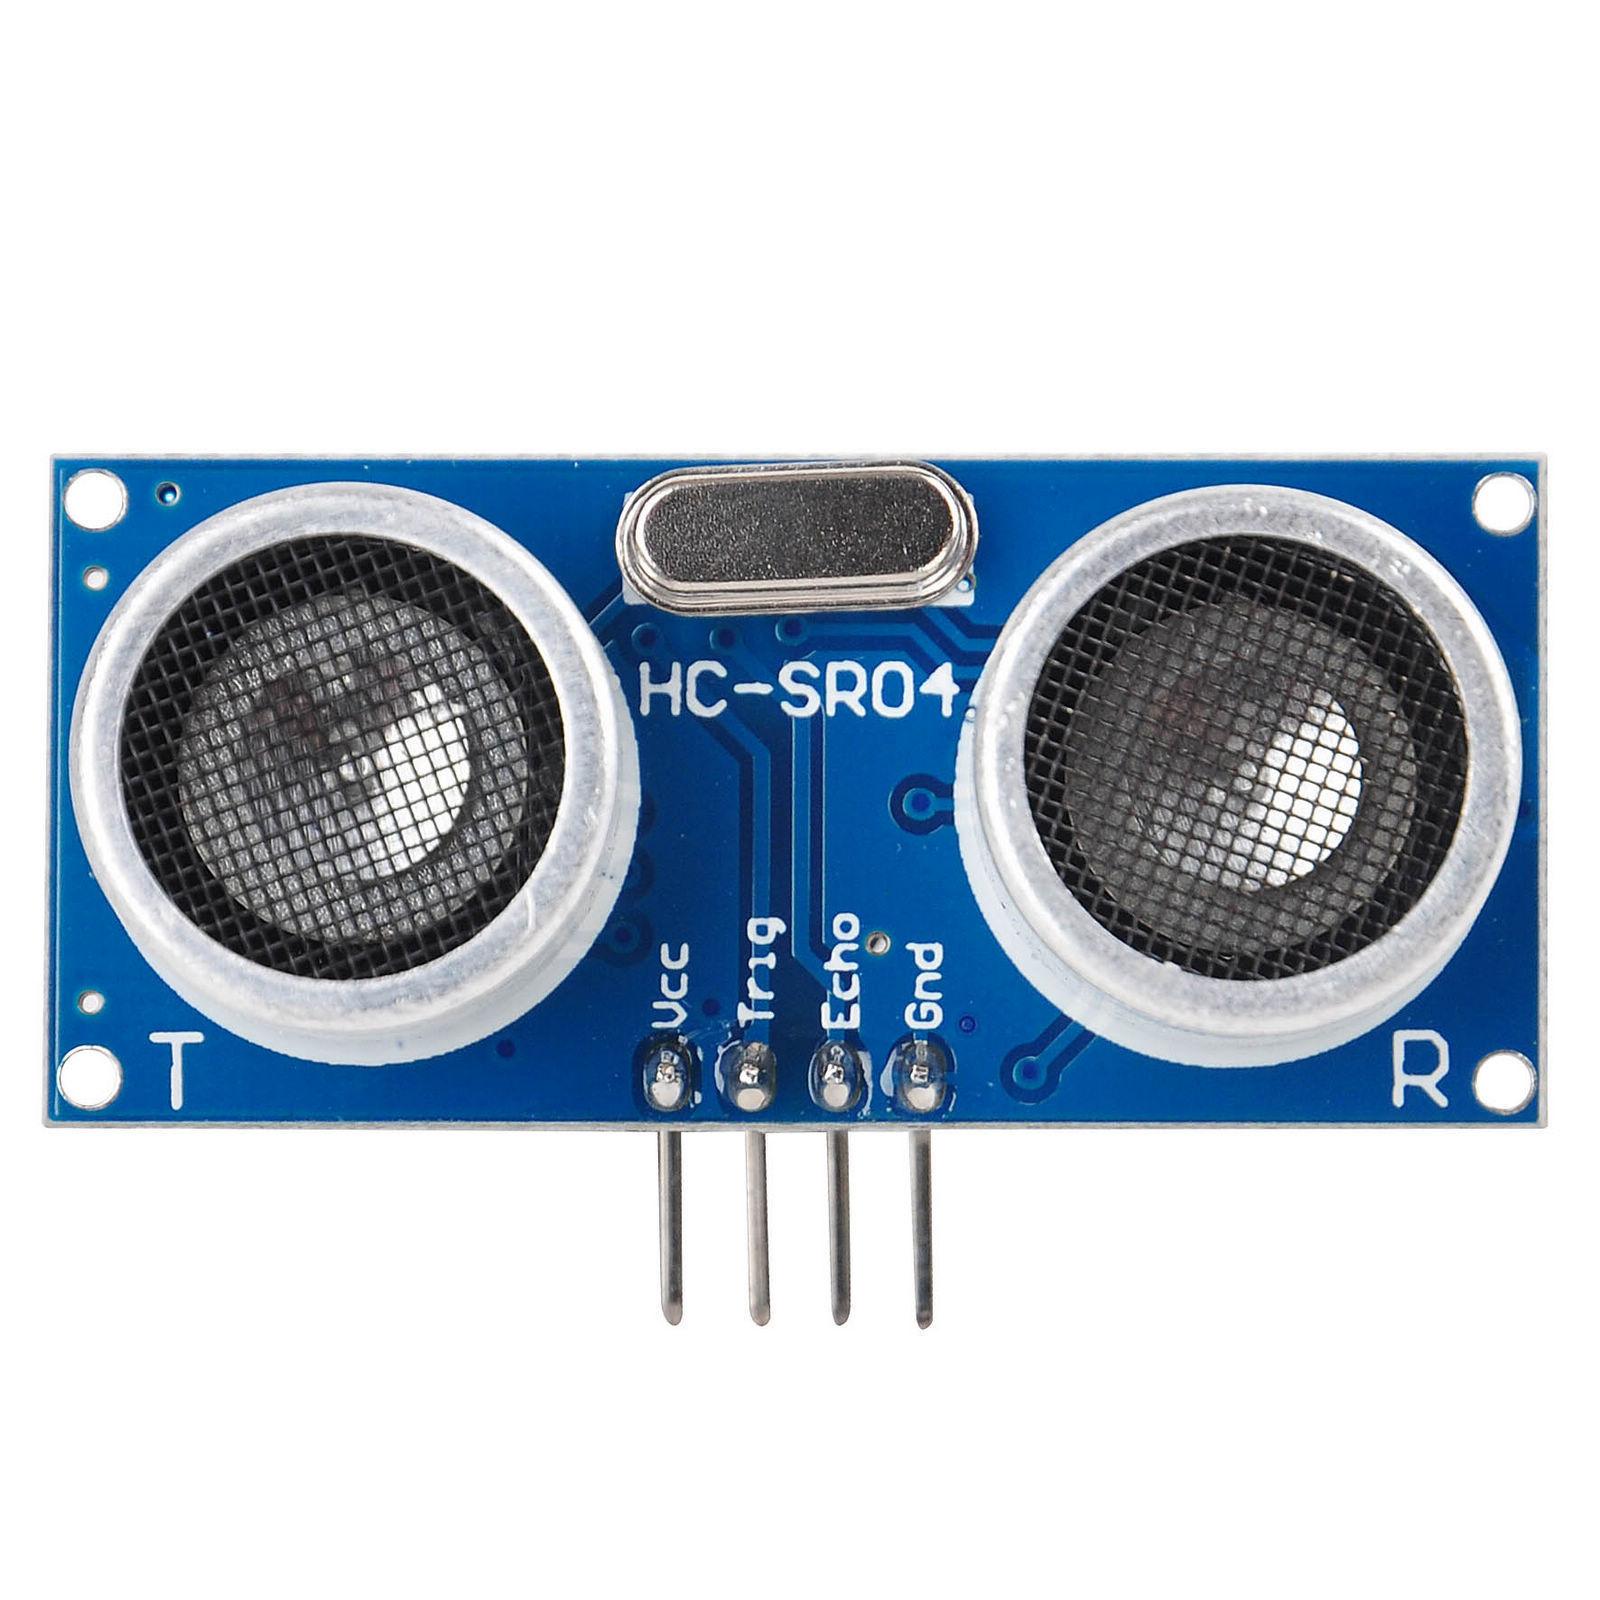 Sensore di misura a ultrasuoni HC-SR04